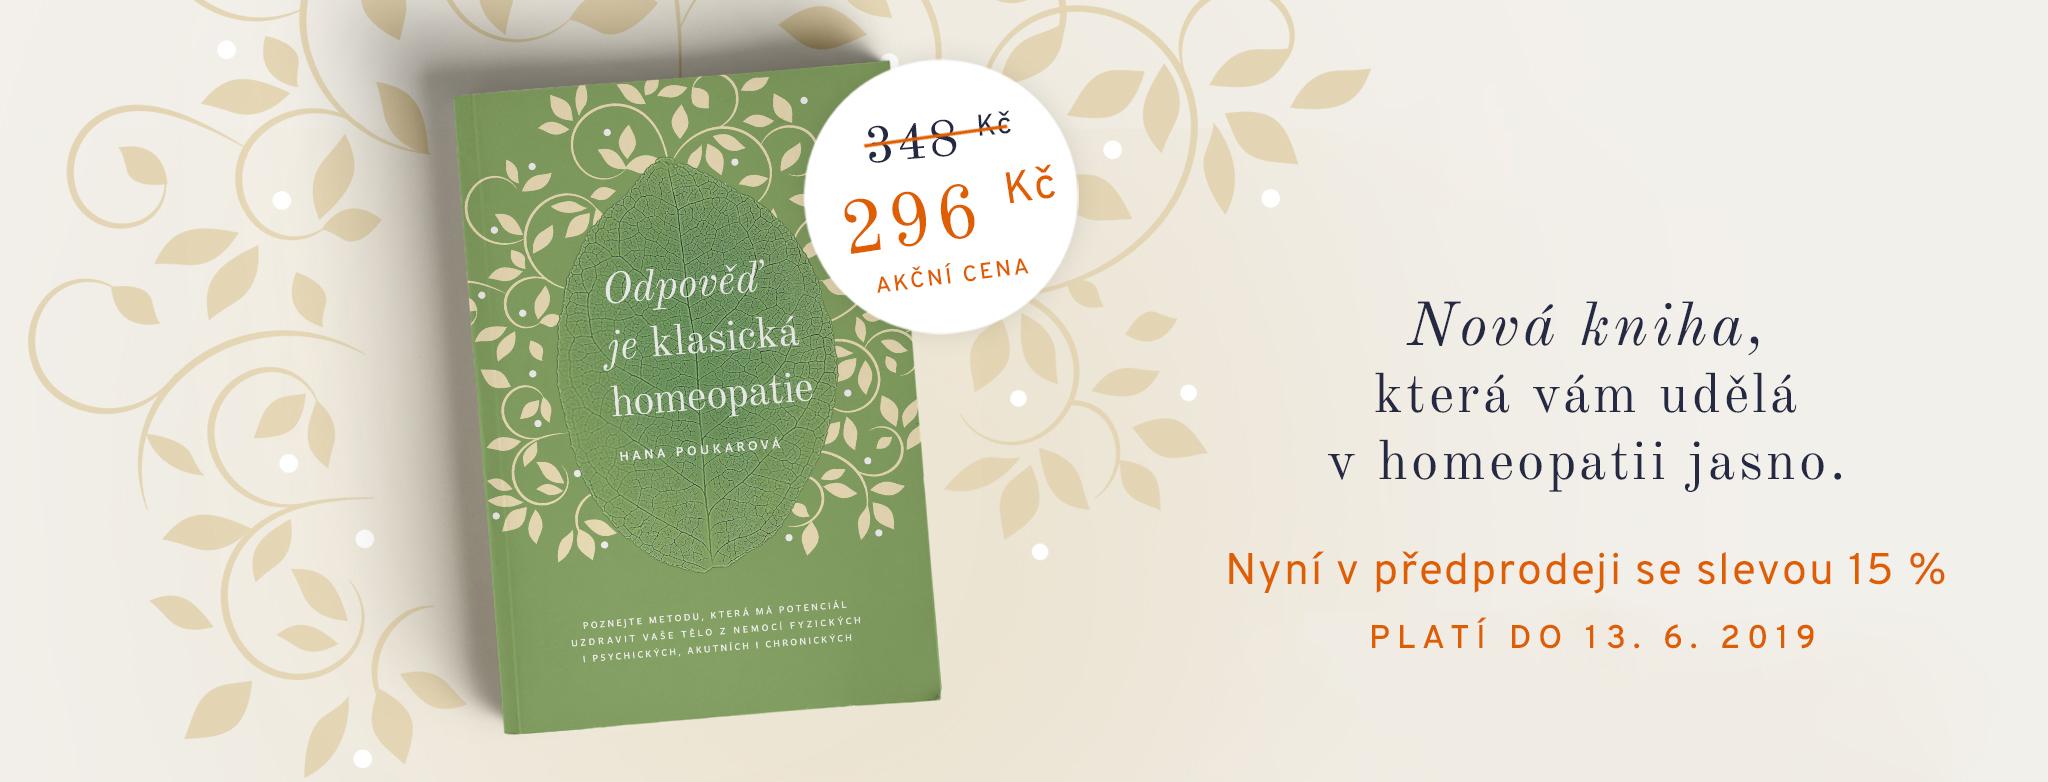 Homeopatie_Banner_FB_13_cervna